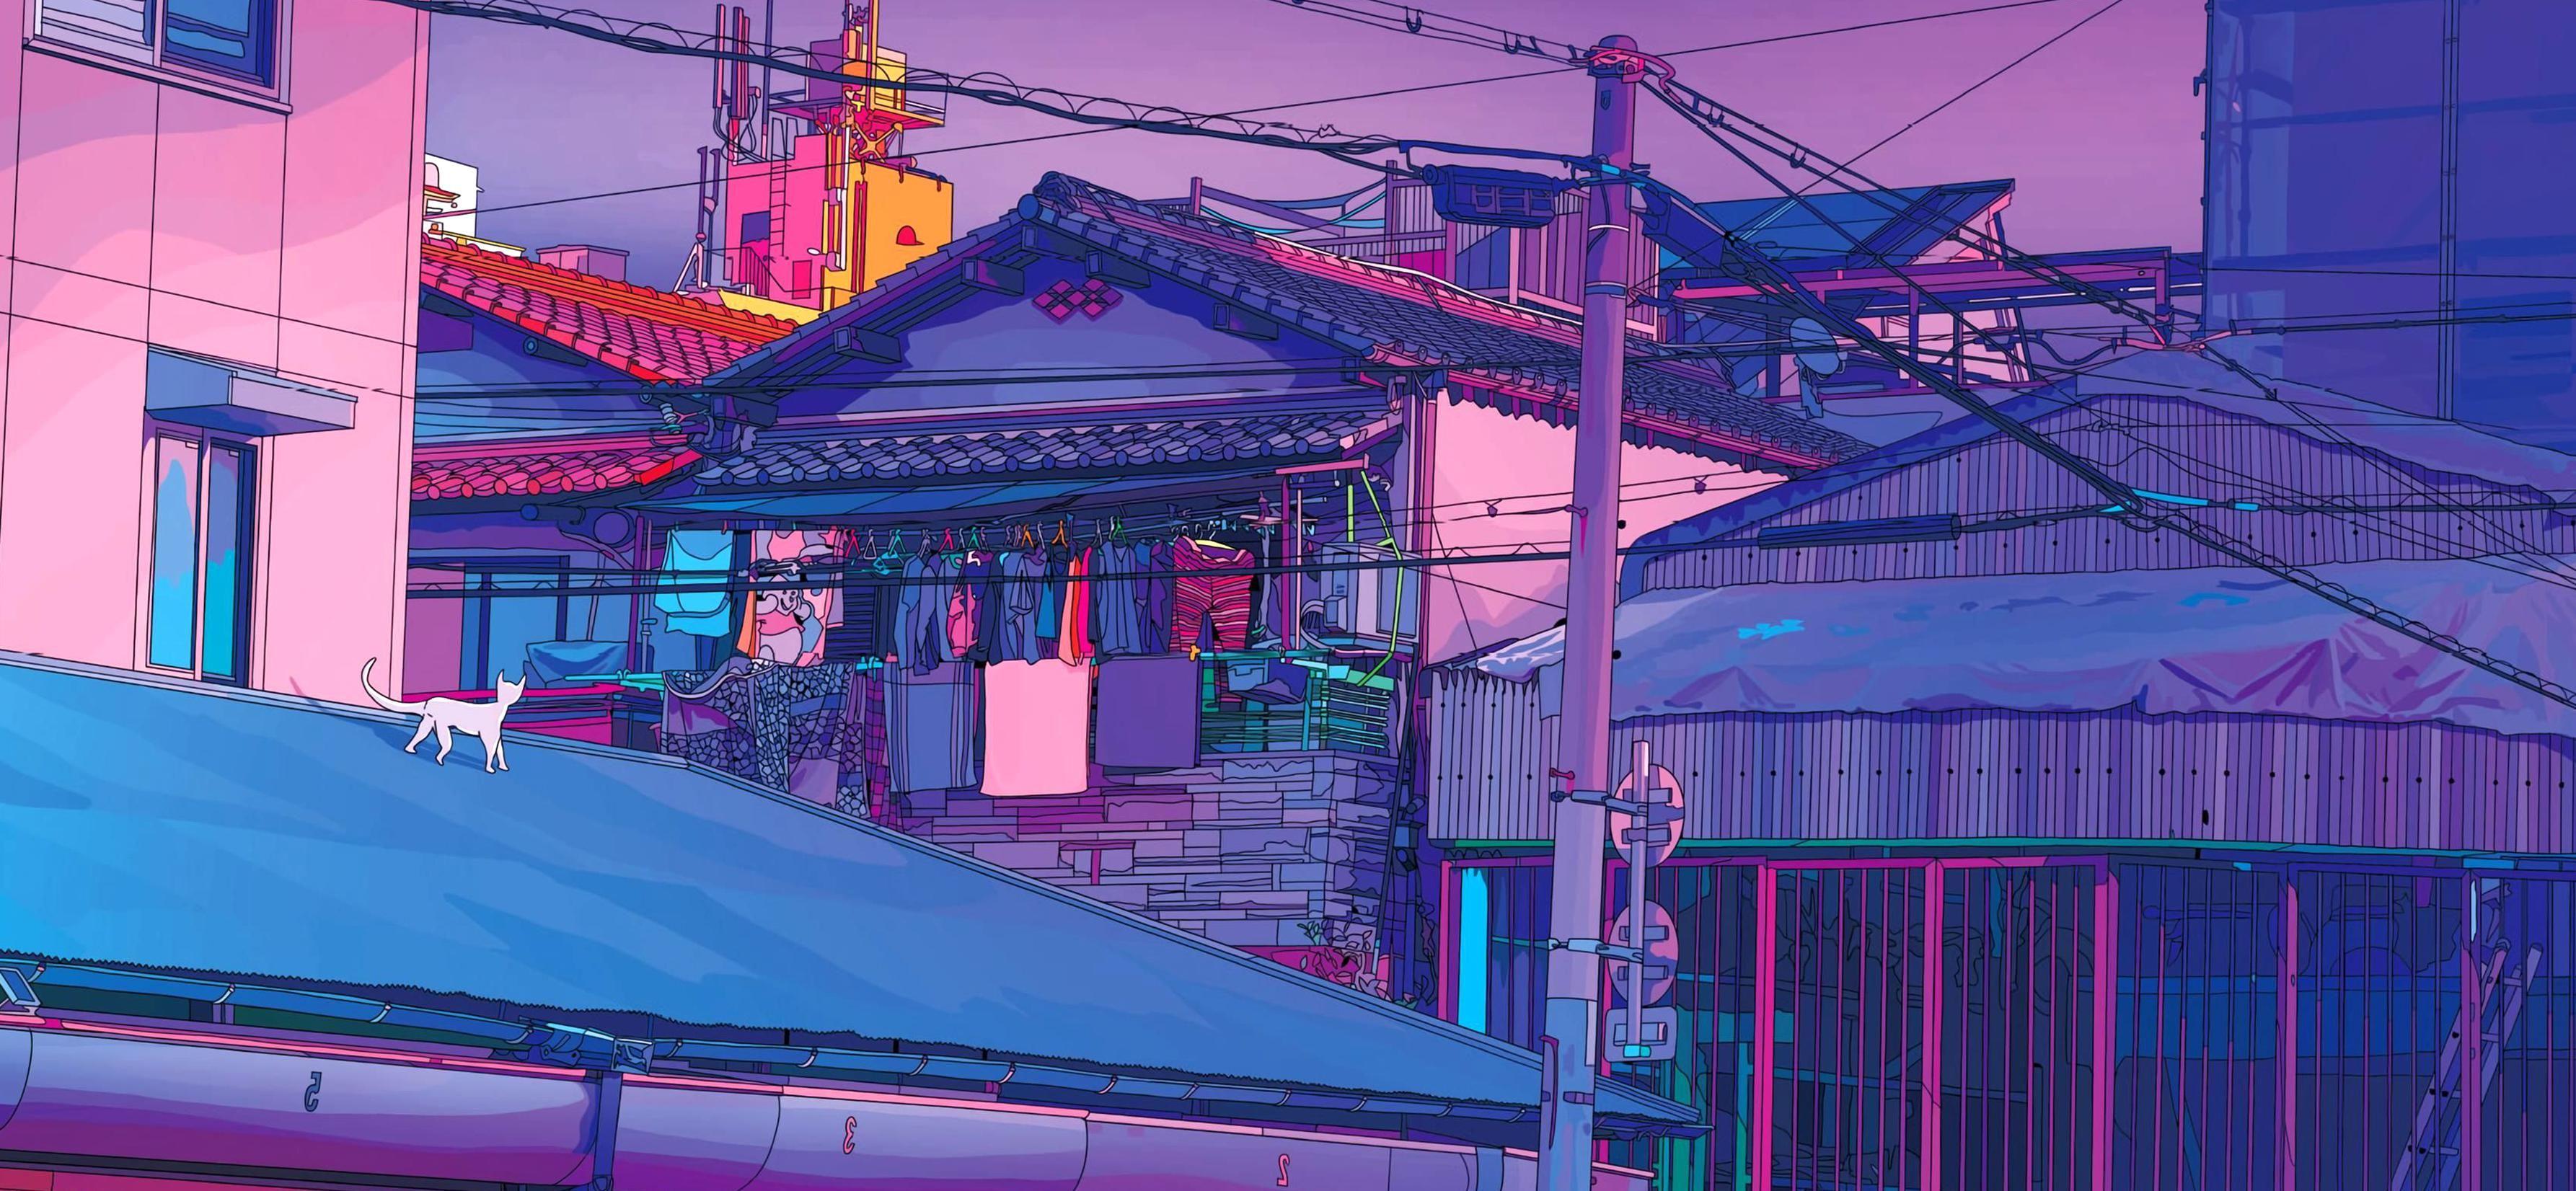 90s anime aesthetic desktop wallpaper